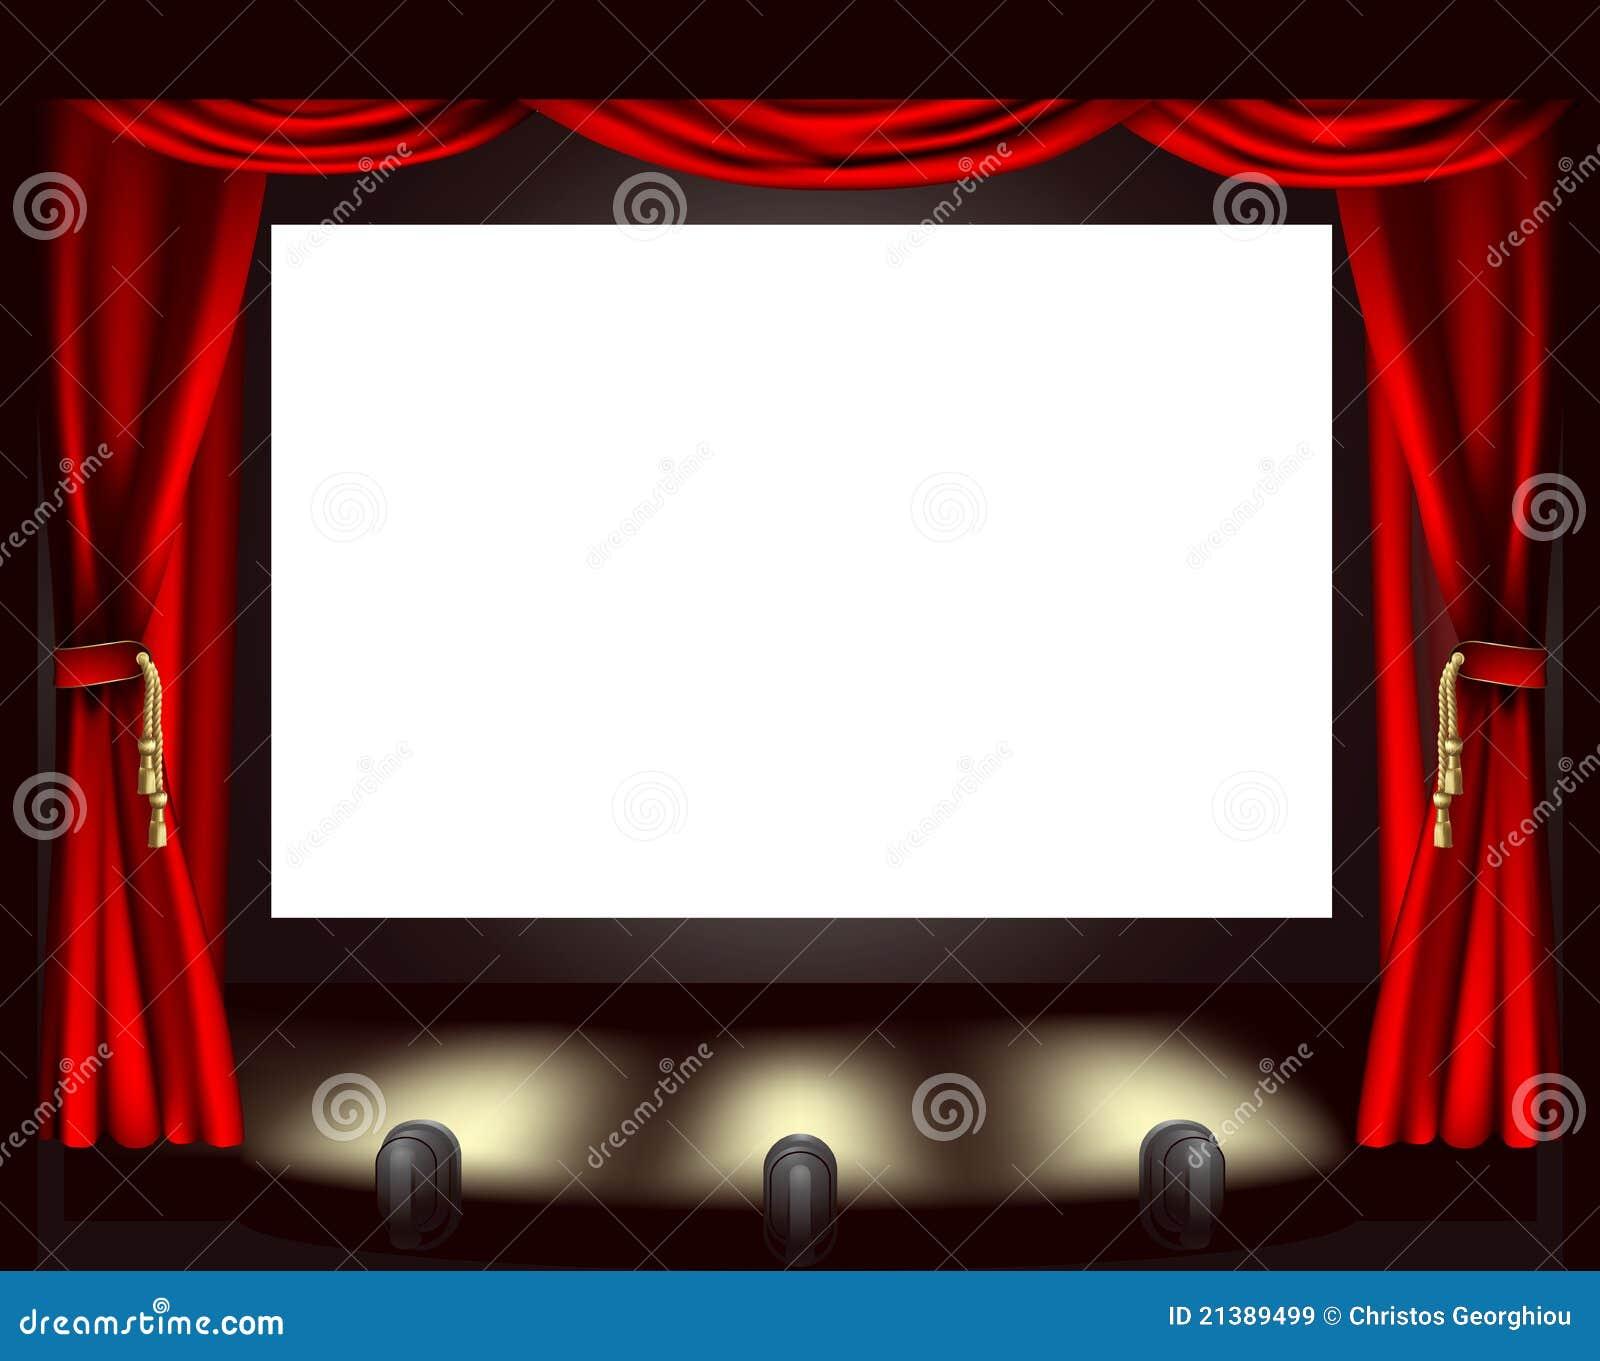 pantalla del cine ilustraci243n del vector ilustraci243n de